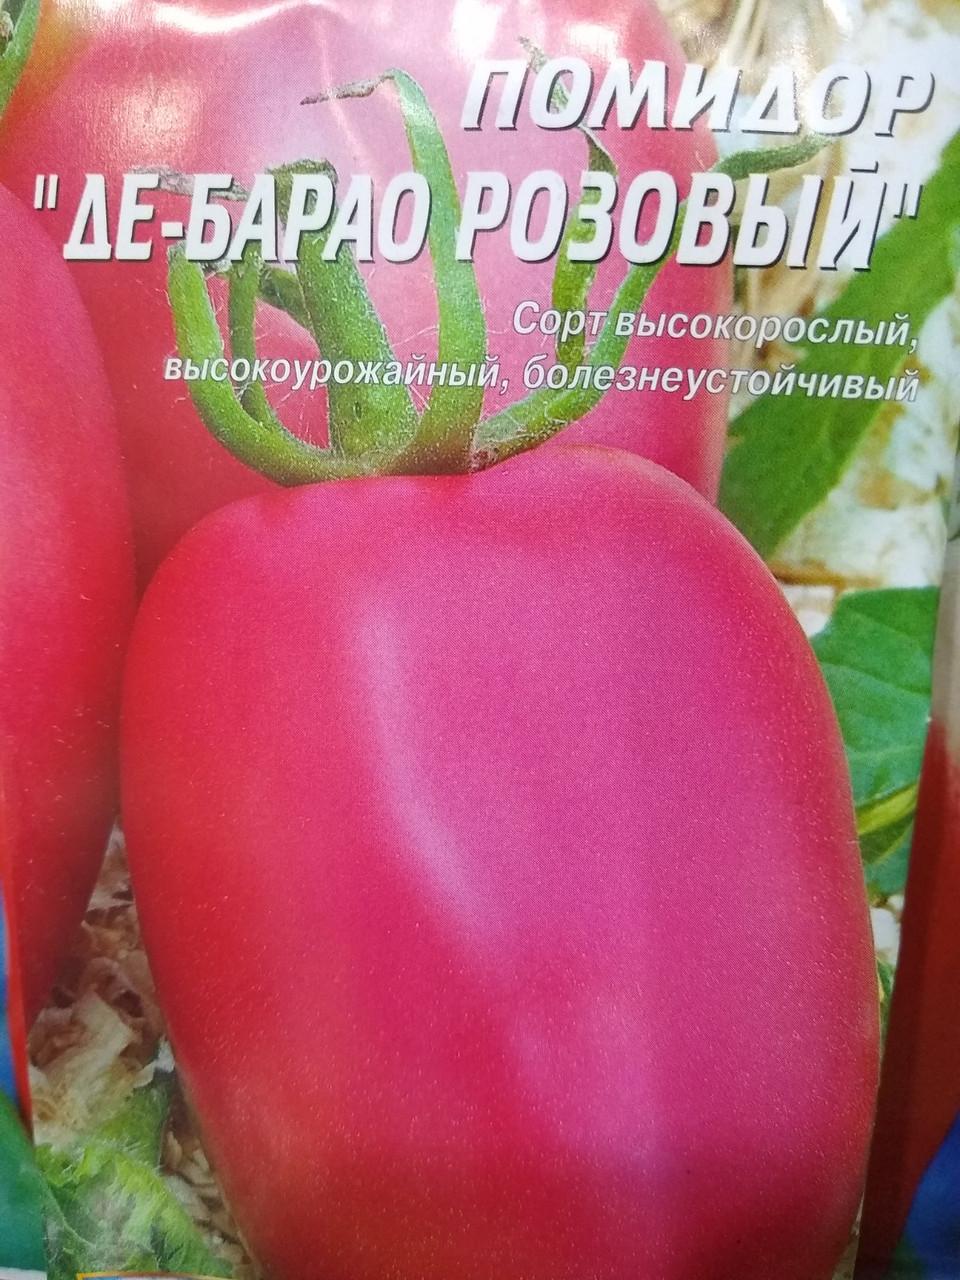 Семена Томат Де Барао розовый среднепоздний, высокорослый 5 грамм Украина